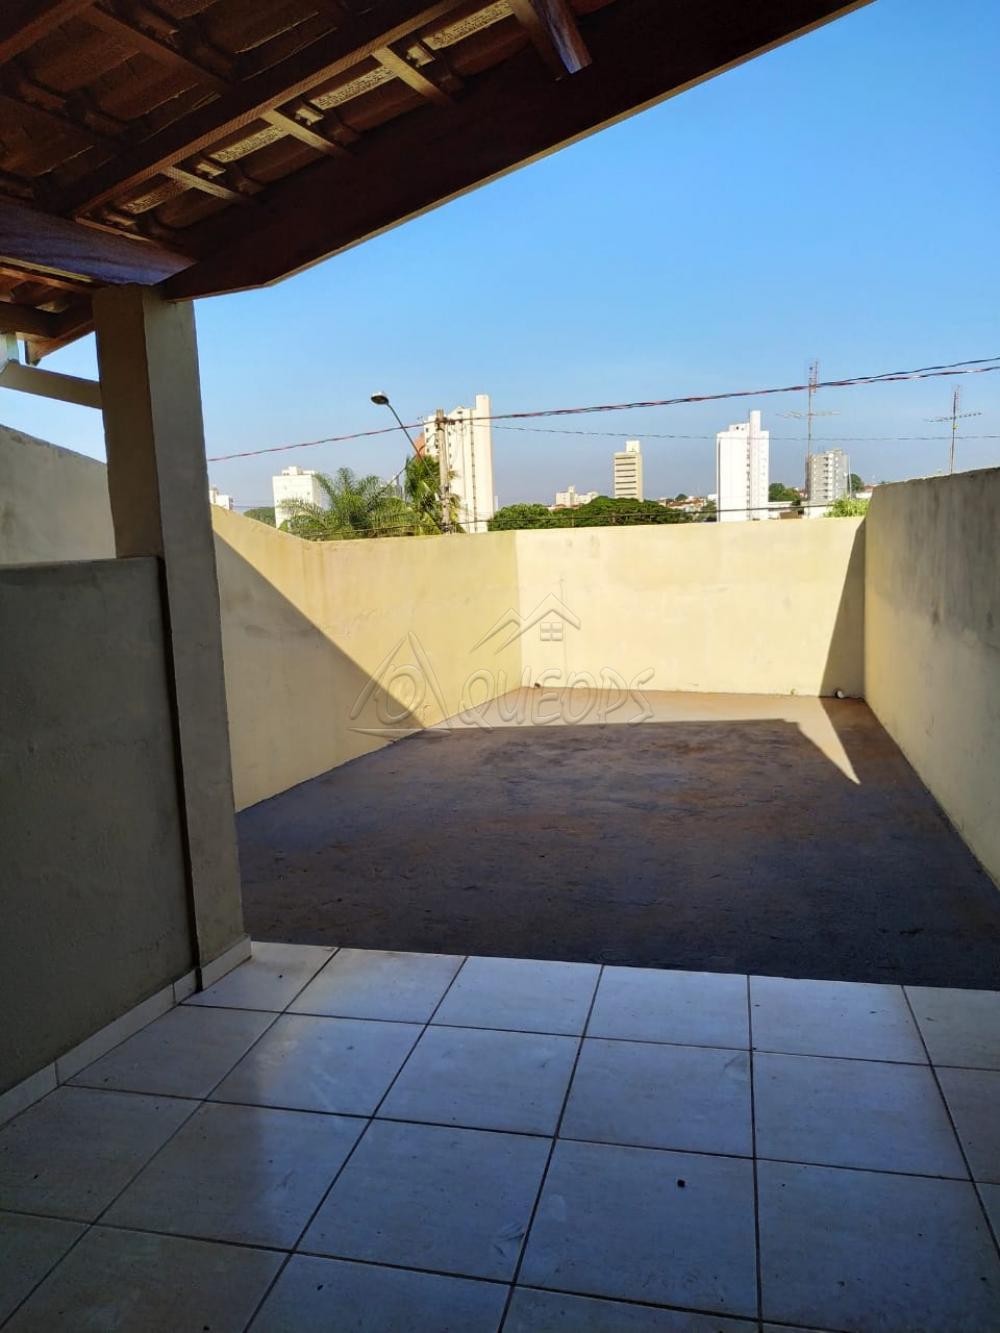 Comprar Casa / Padrão em Barretos apenas R$ 220.000,00 - Foto 17